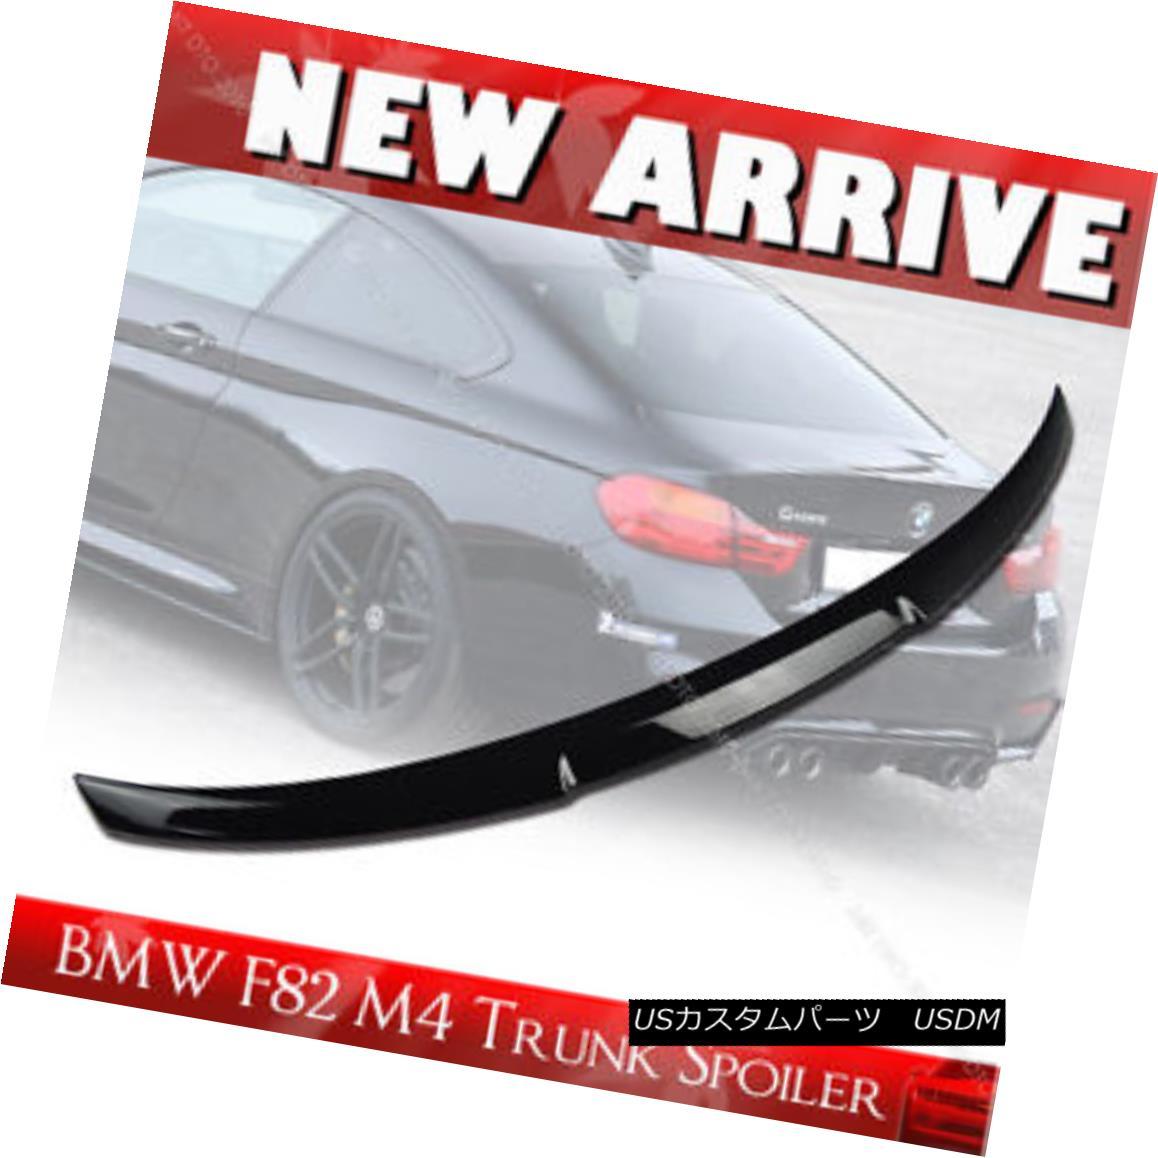 エアロパーツ Painted For BMW 4 Series F82 M4-Type Rear Trunk Spoiler Wing ABS 2DR BMW 4シリーズF82 M4タイプリアトランクスポイラーウィングABS 2DR